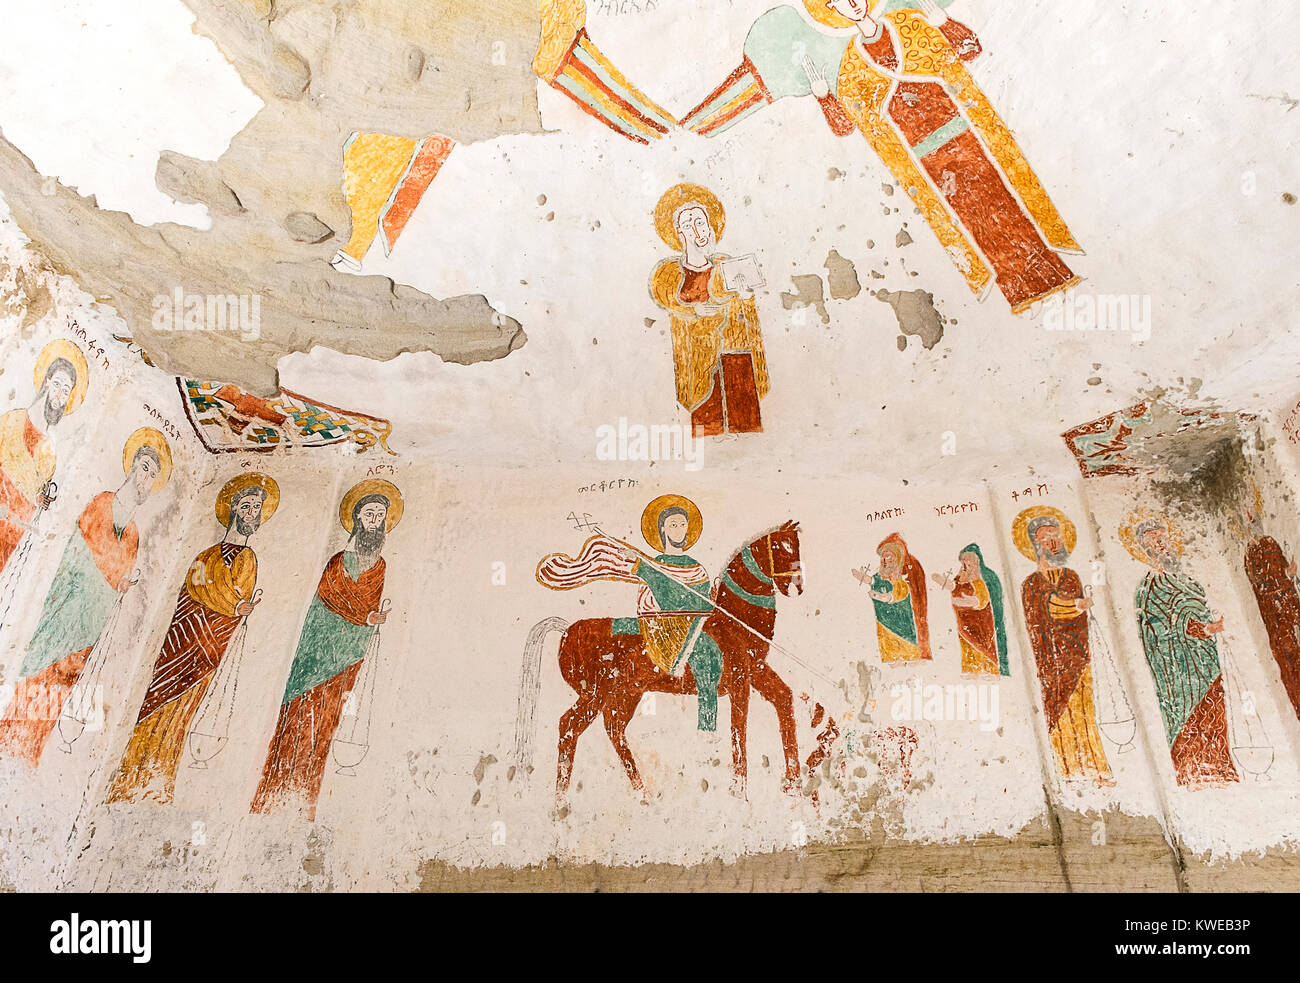 Fresco in the interior of the rock-hewn church Daniel Qorqor, Gheralta region, Tigray, Ethiopia - Stock Image